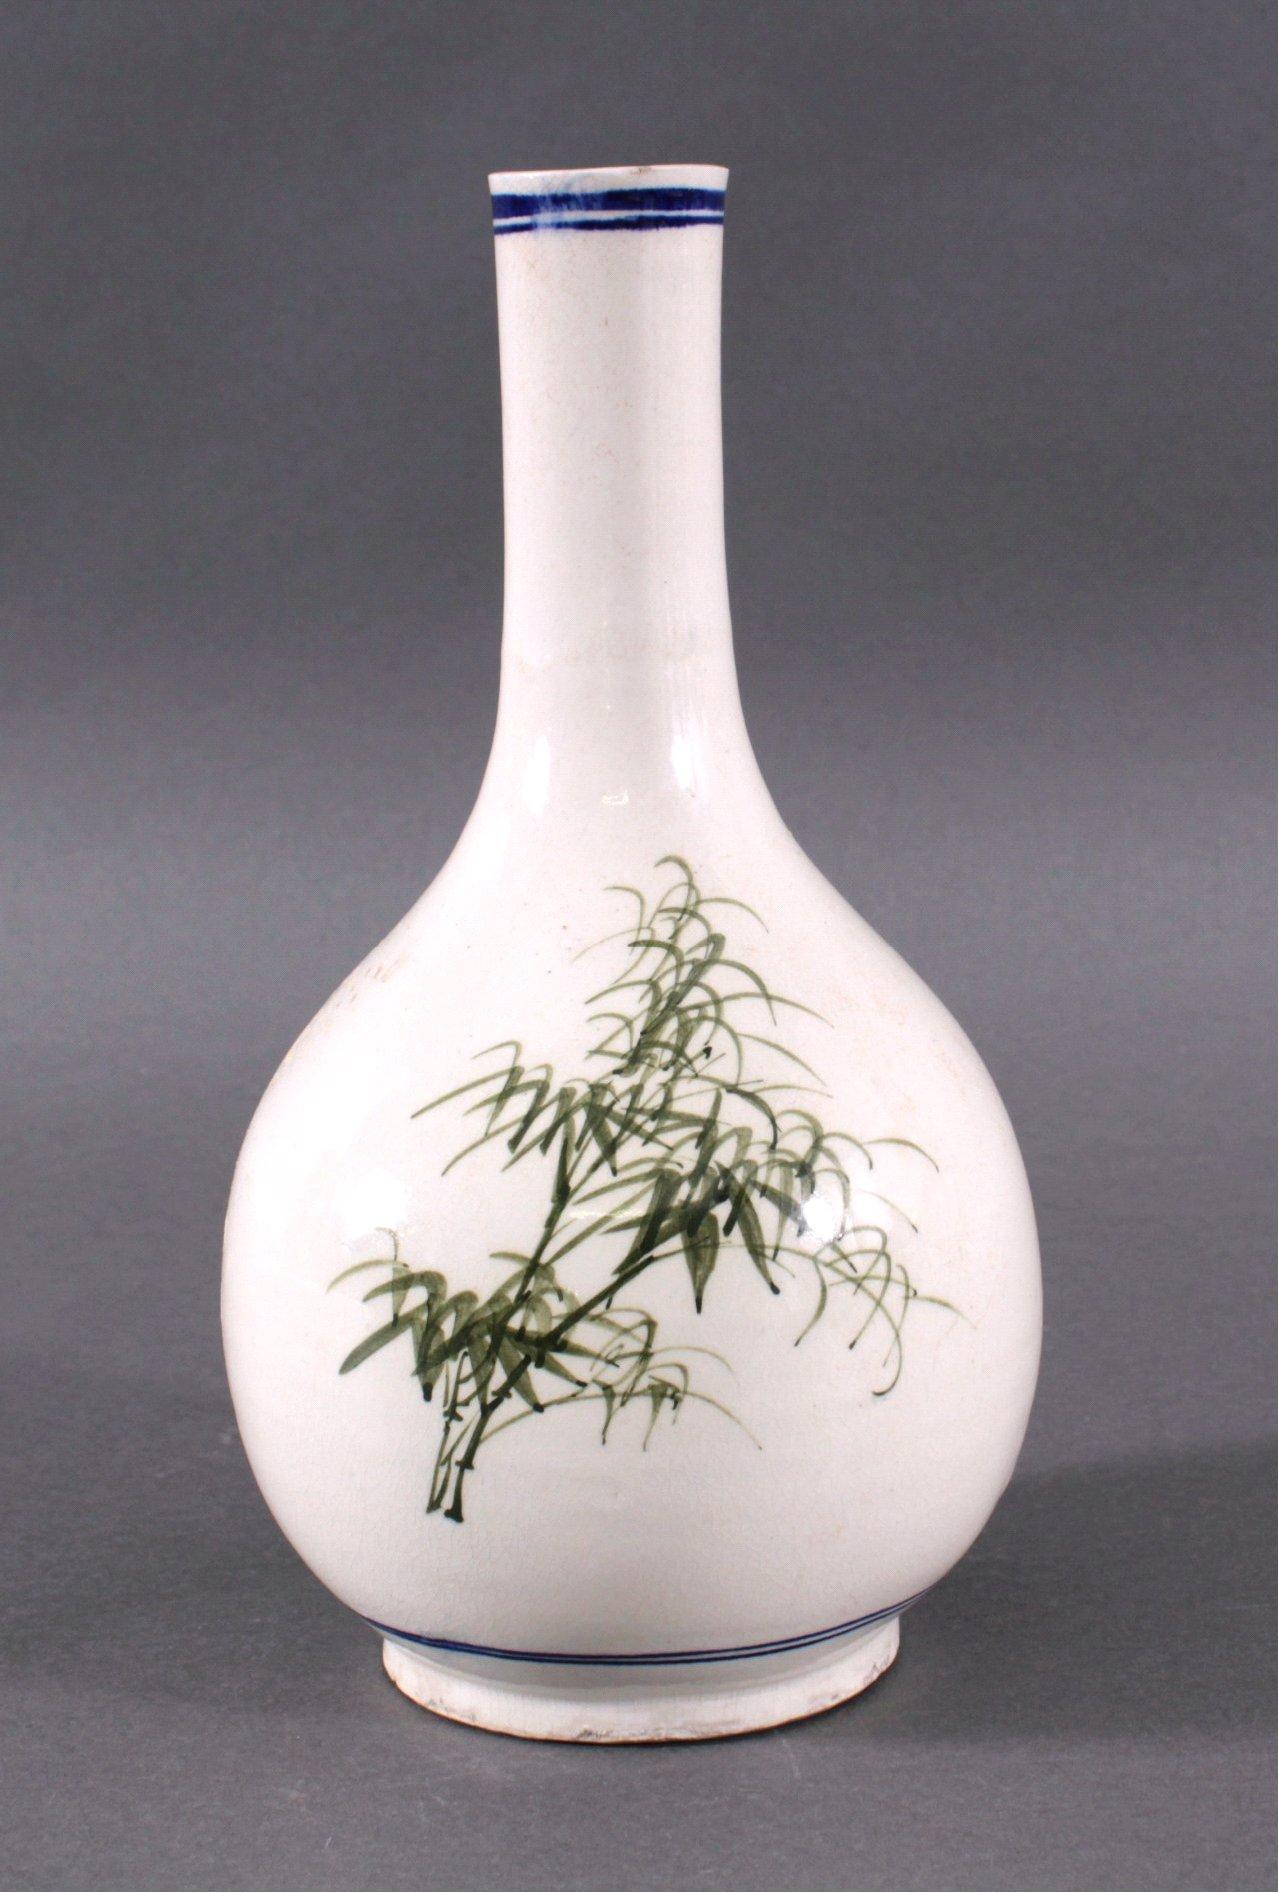 Chinesische Fayence-Vase um 1900-1